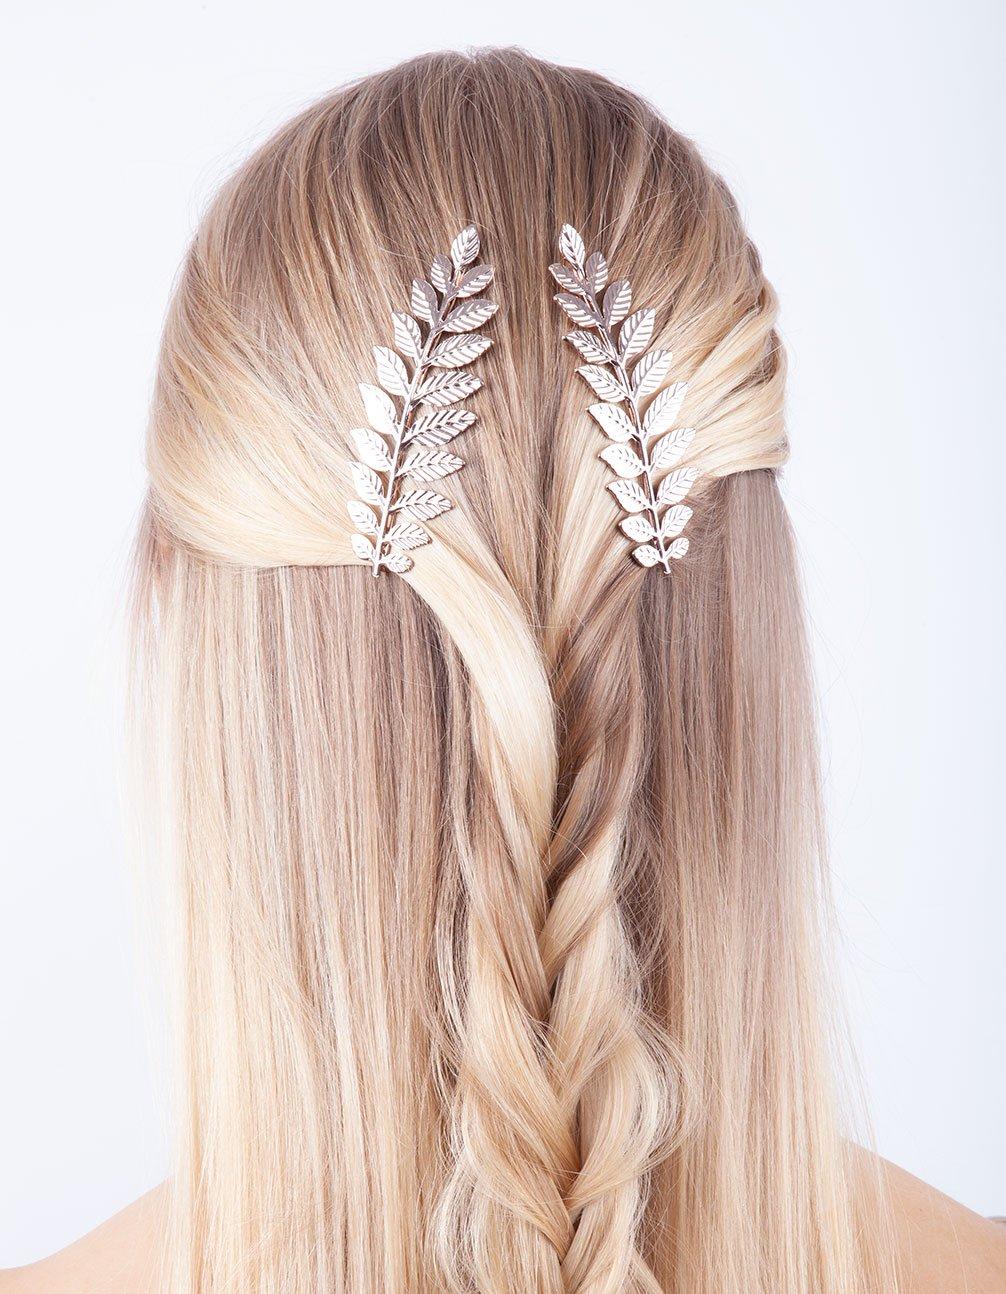 Phụ kiện thời trang kẹp tóc chiếc lá